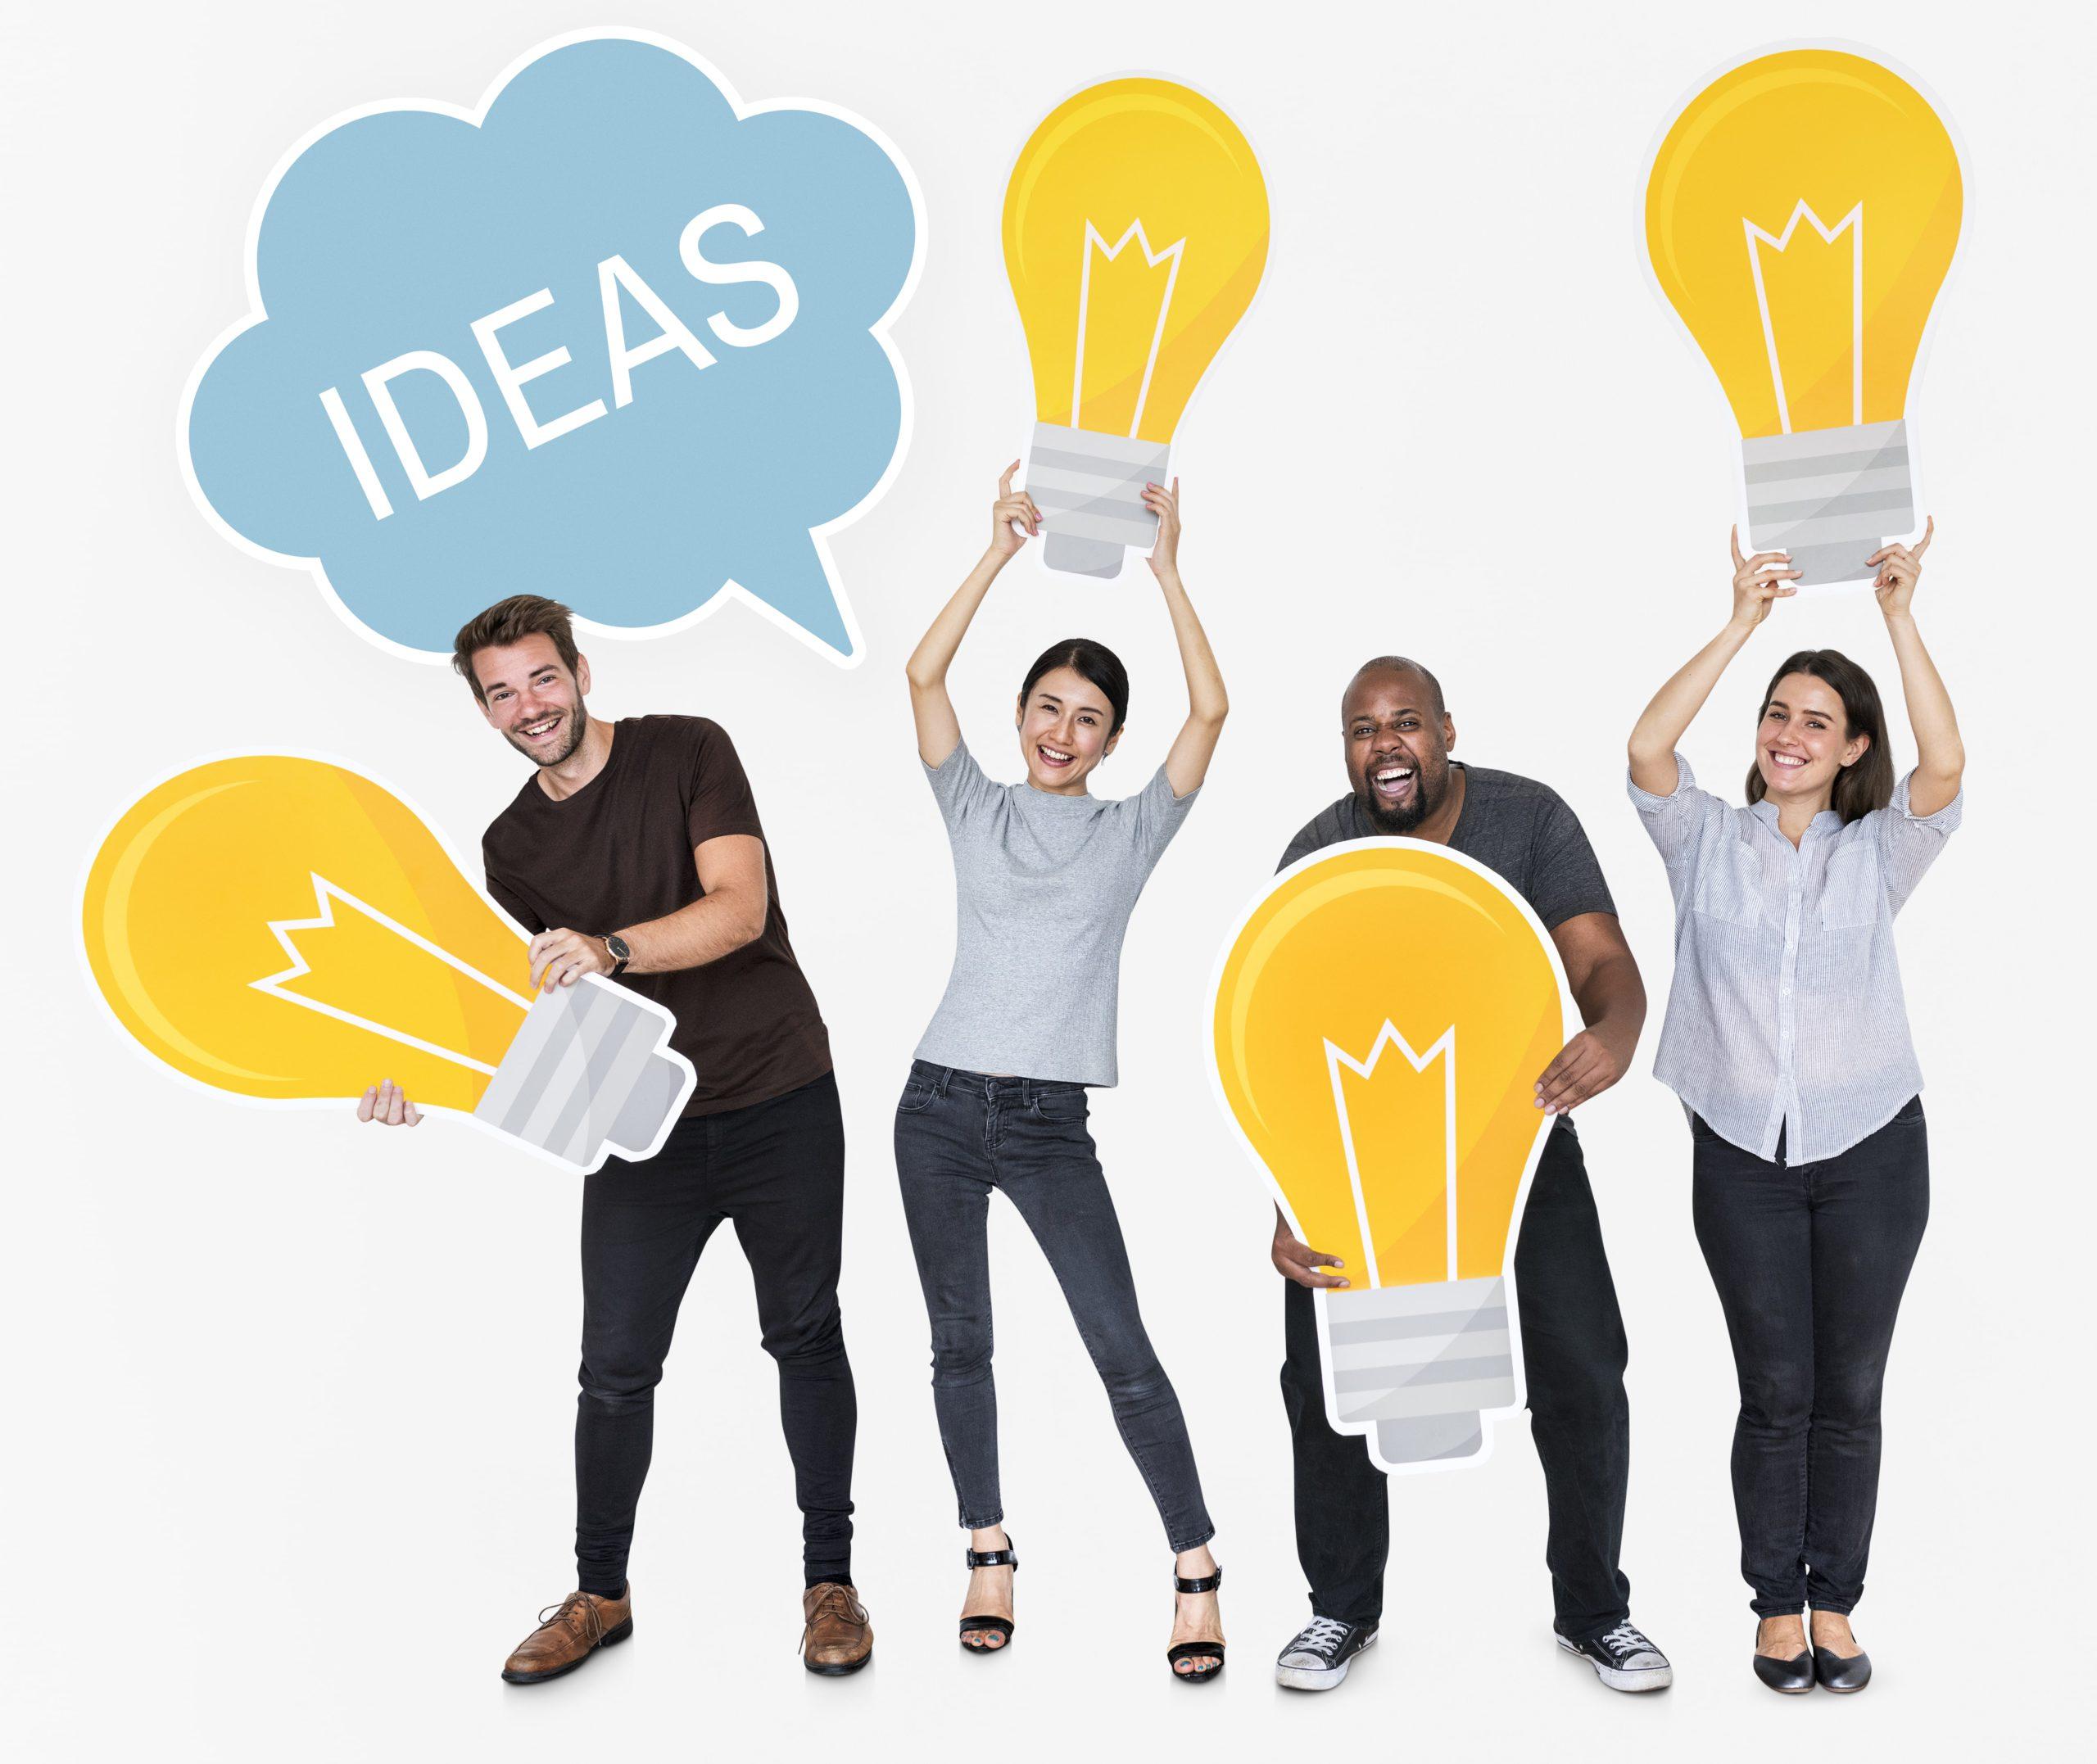 Quadro pessoas segurando cartazes: 3 são em formato de lâmpada e 1 em formato de nuvem com a palavra ideias